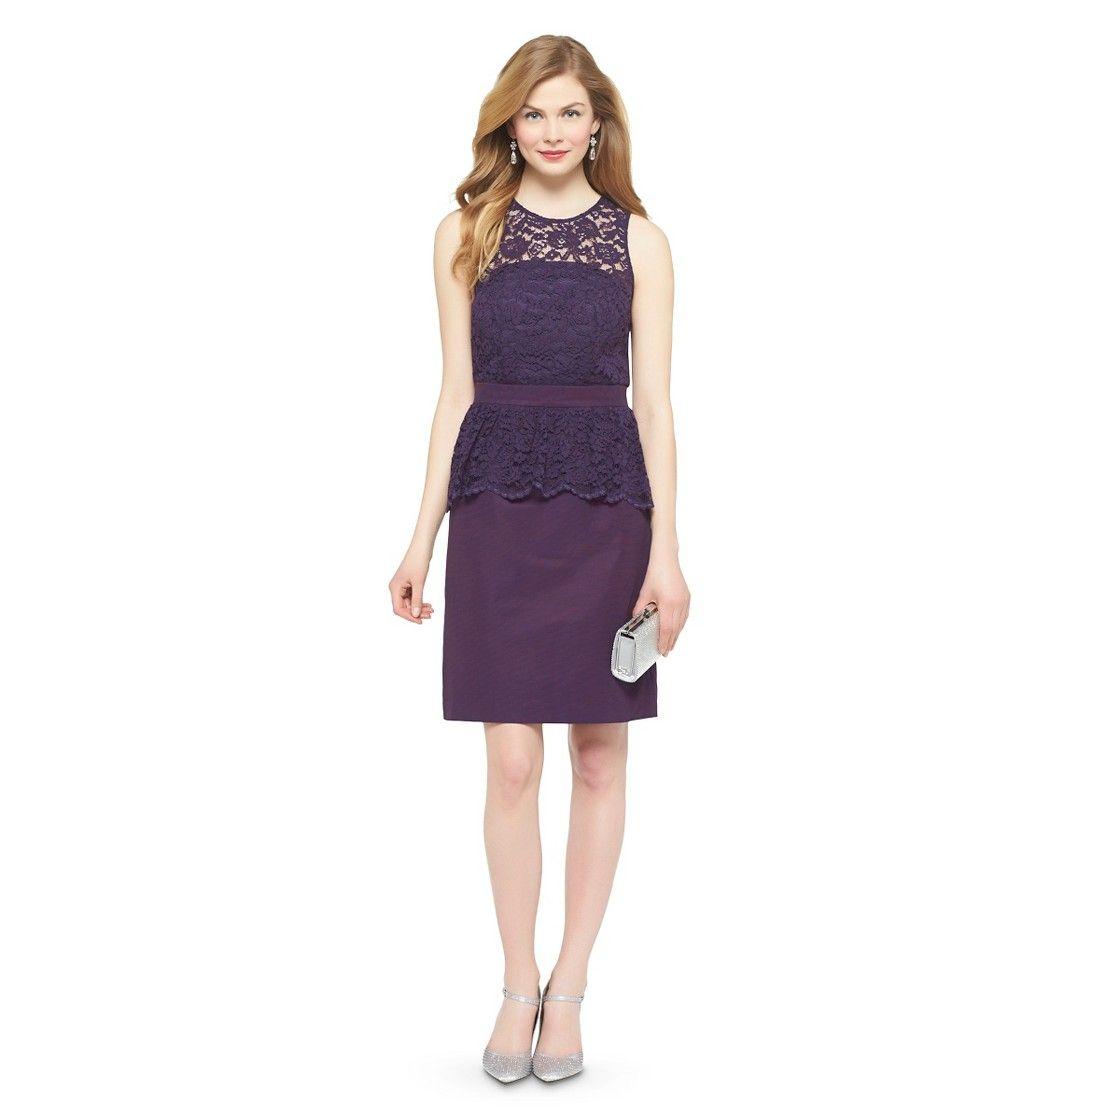 Women\'s Scalloped Lace Sleeveless Bridesmaid Dress w/Peplum ...